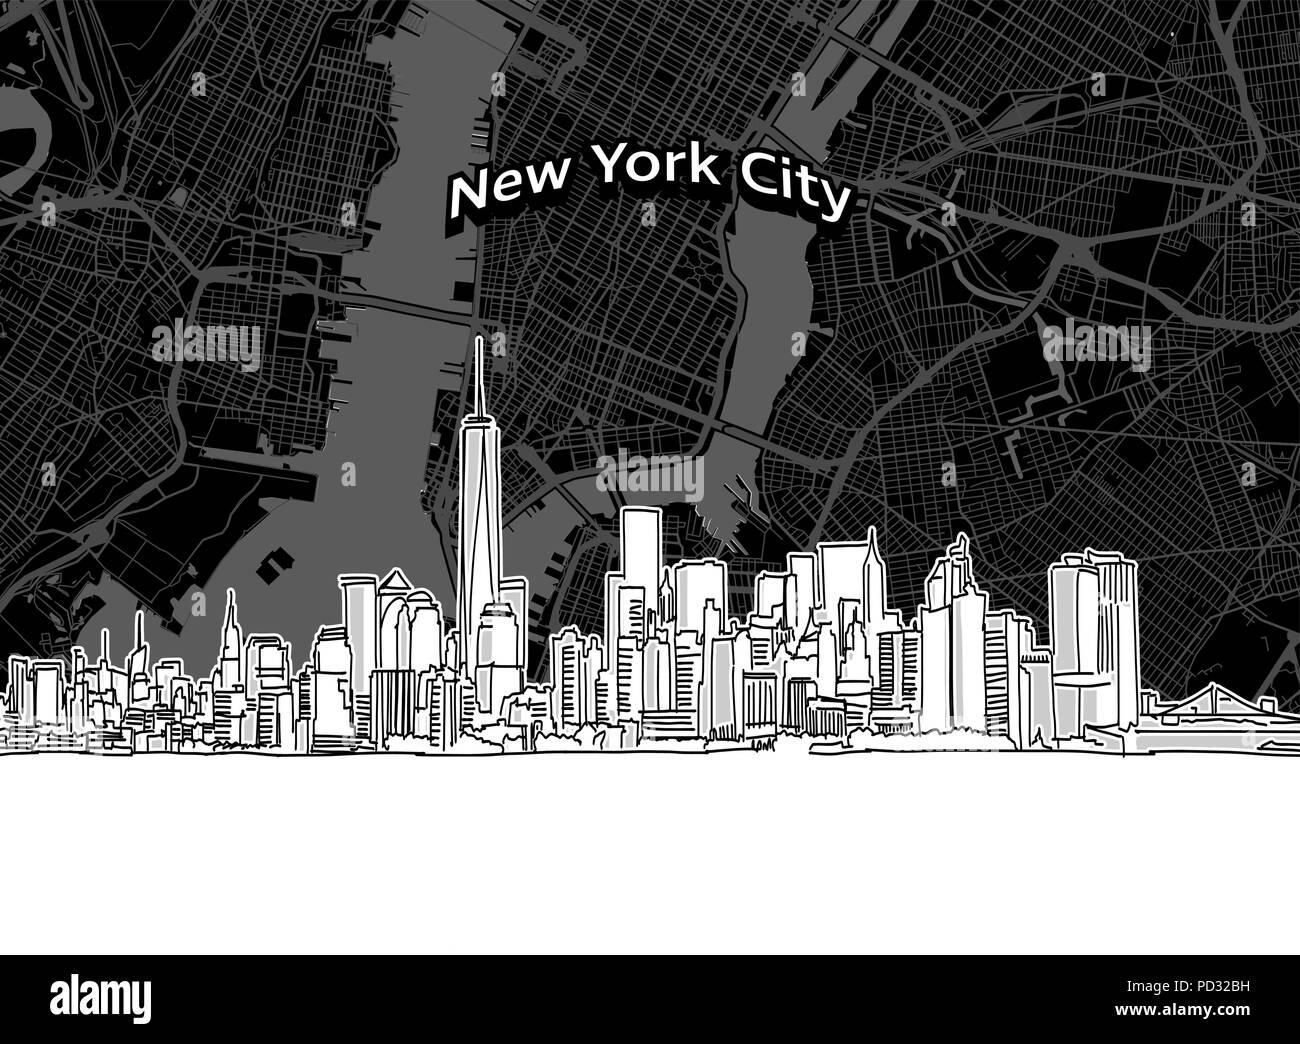 Vettore Di Disegno Di New York Skyline Della Città Con La